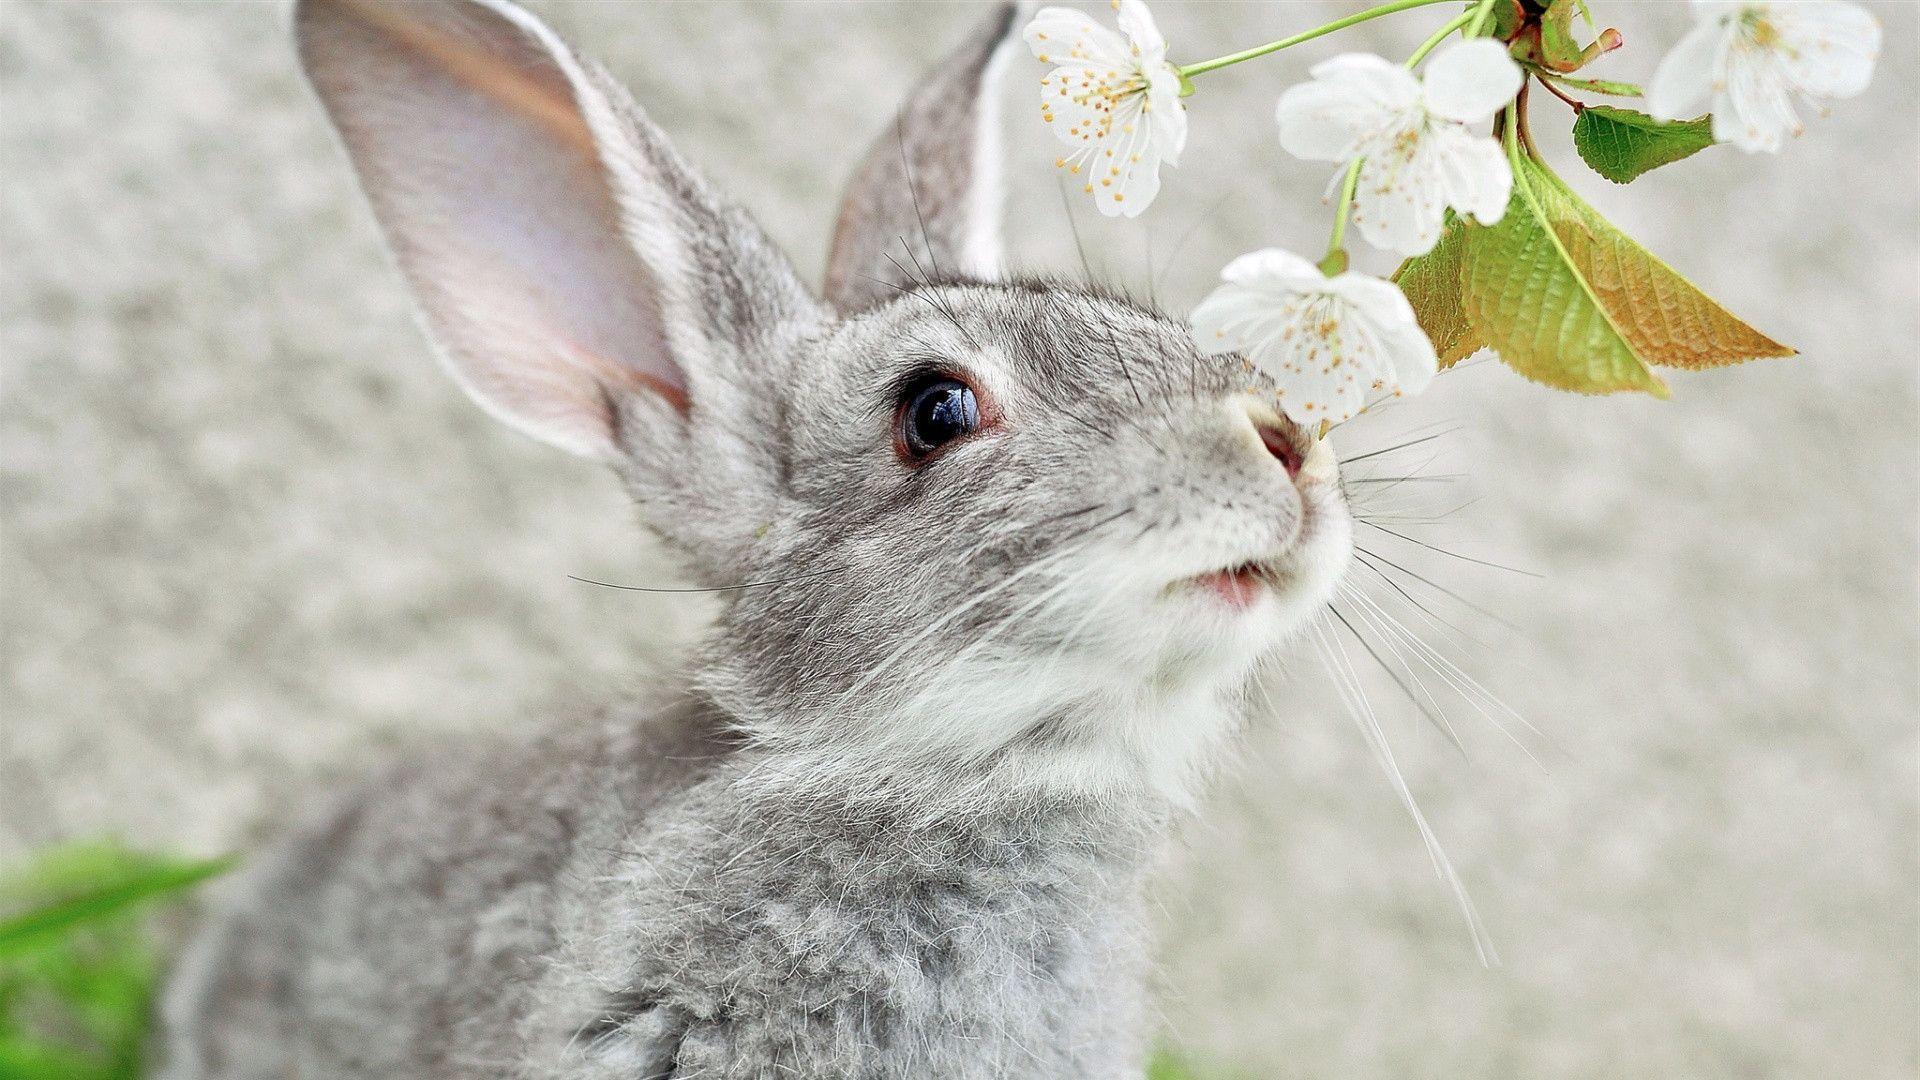 Rabbit Wallpapers 1920x1080